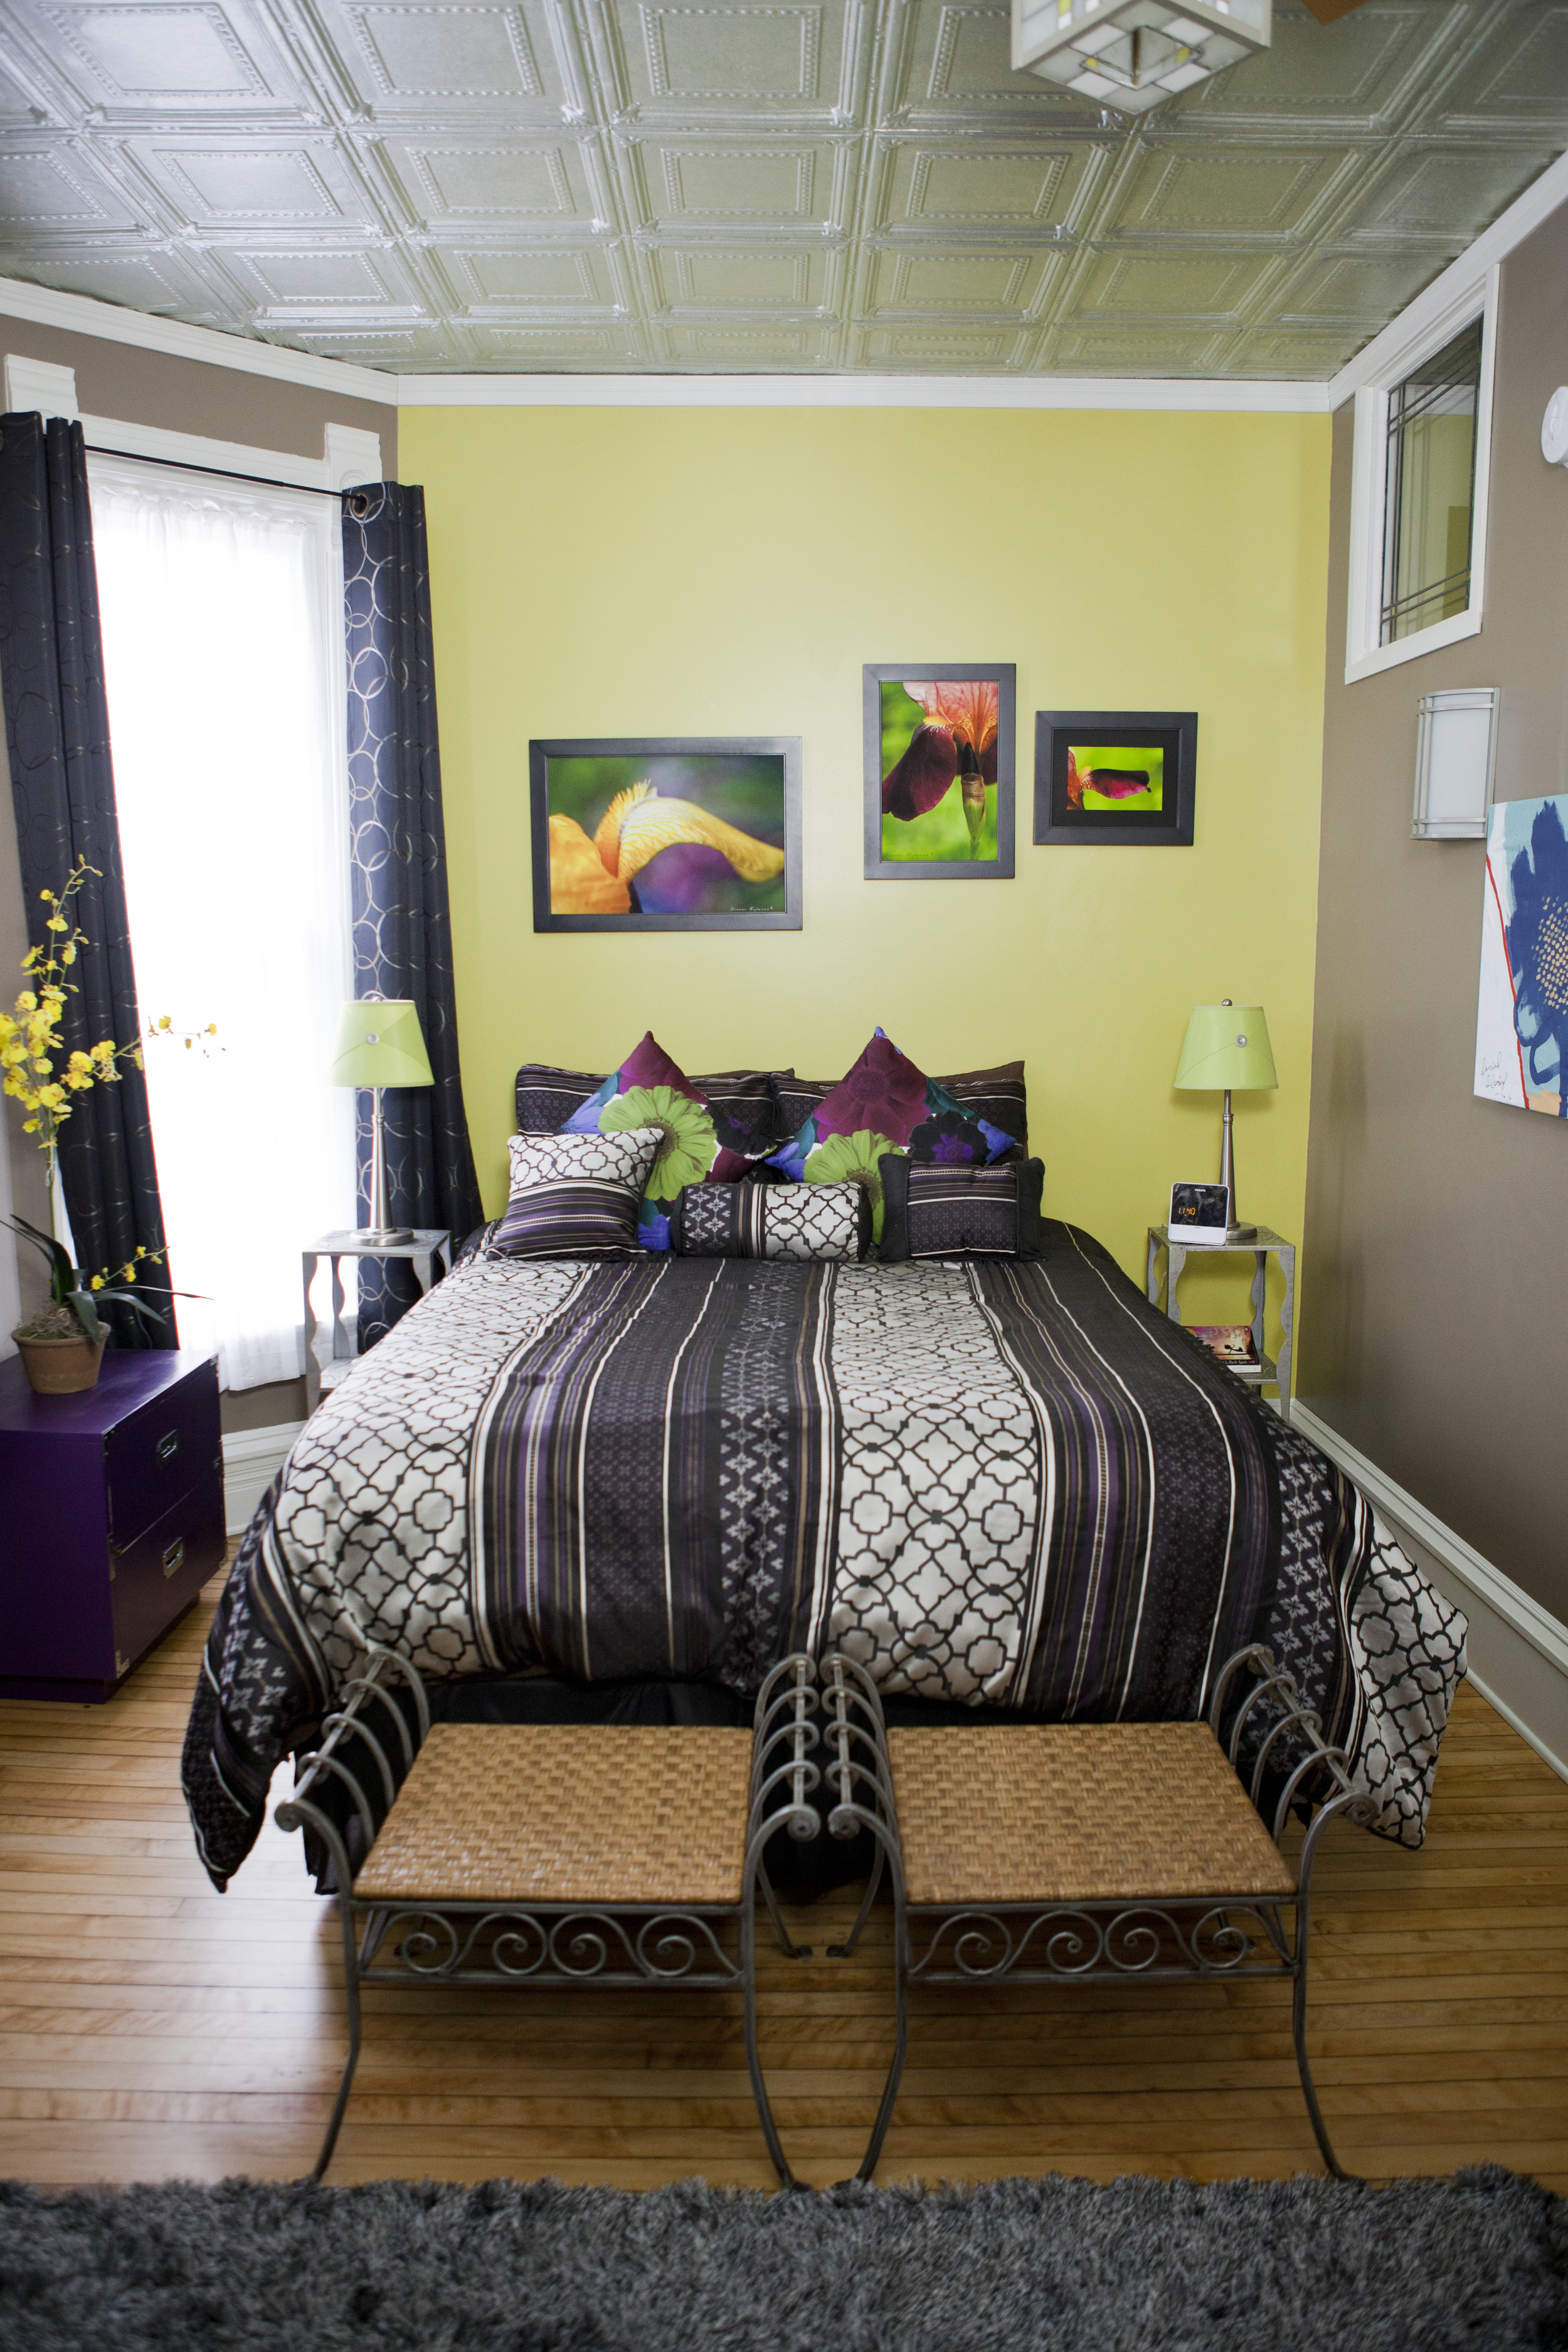 bed_in_lolis_room.jpg